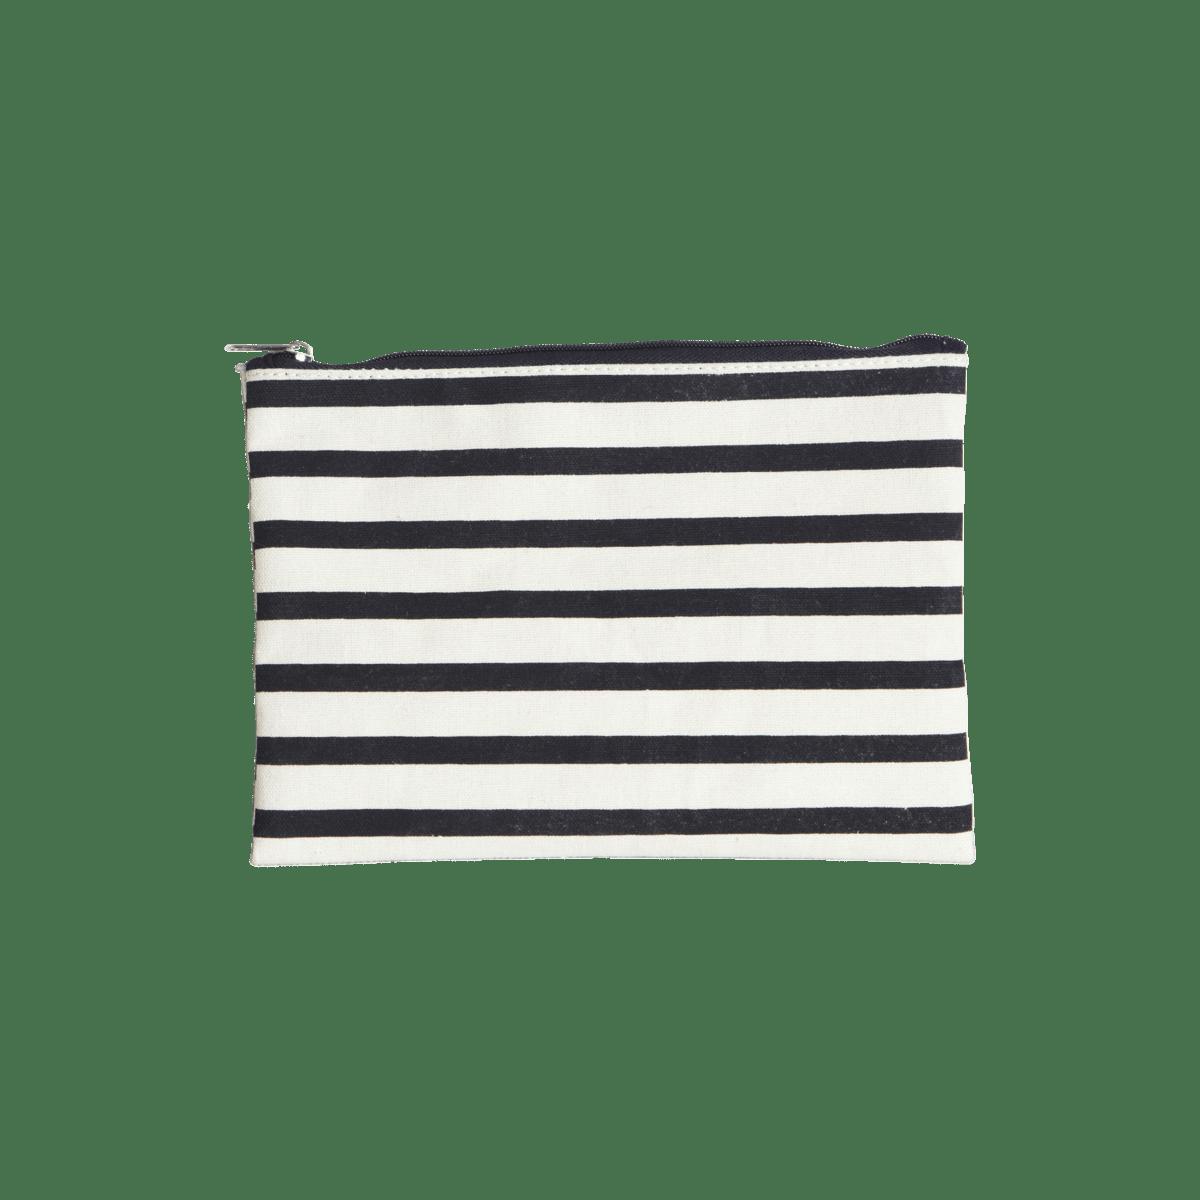 Černobílá kosmetická taštička Stripes